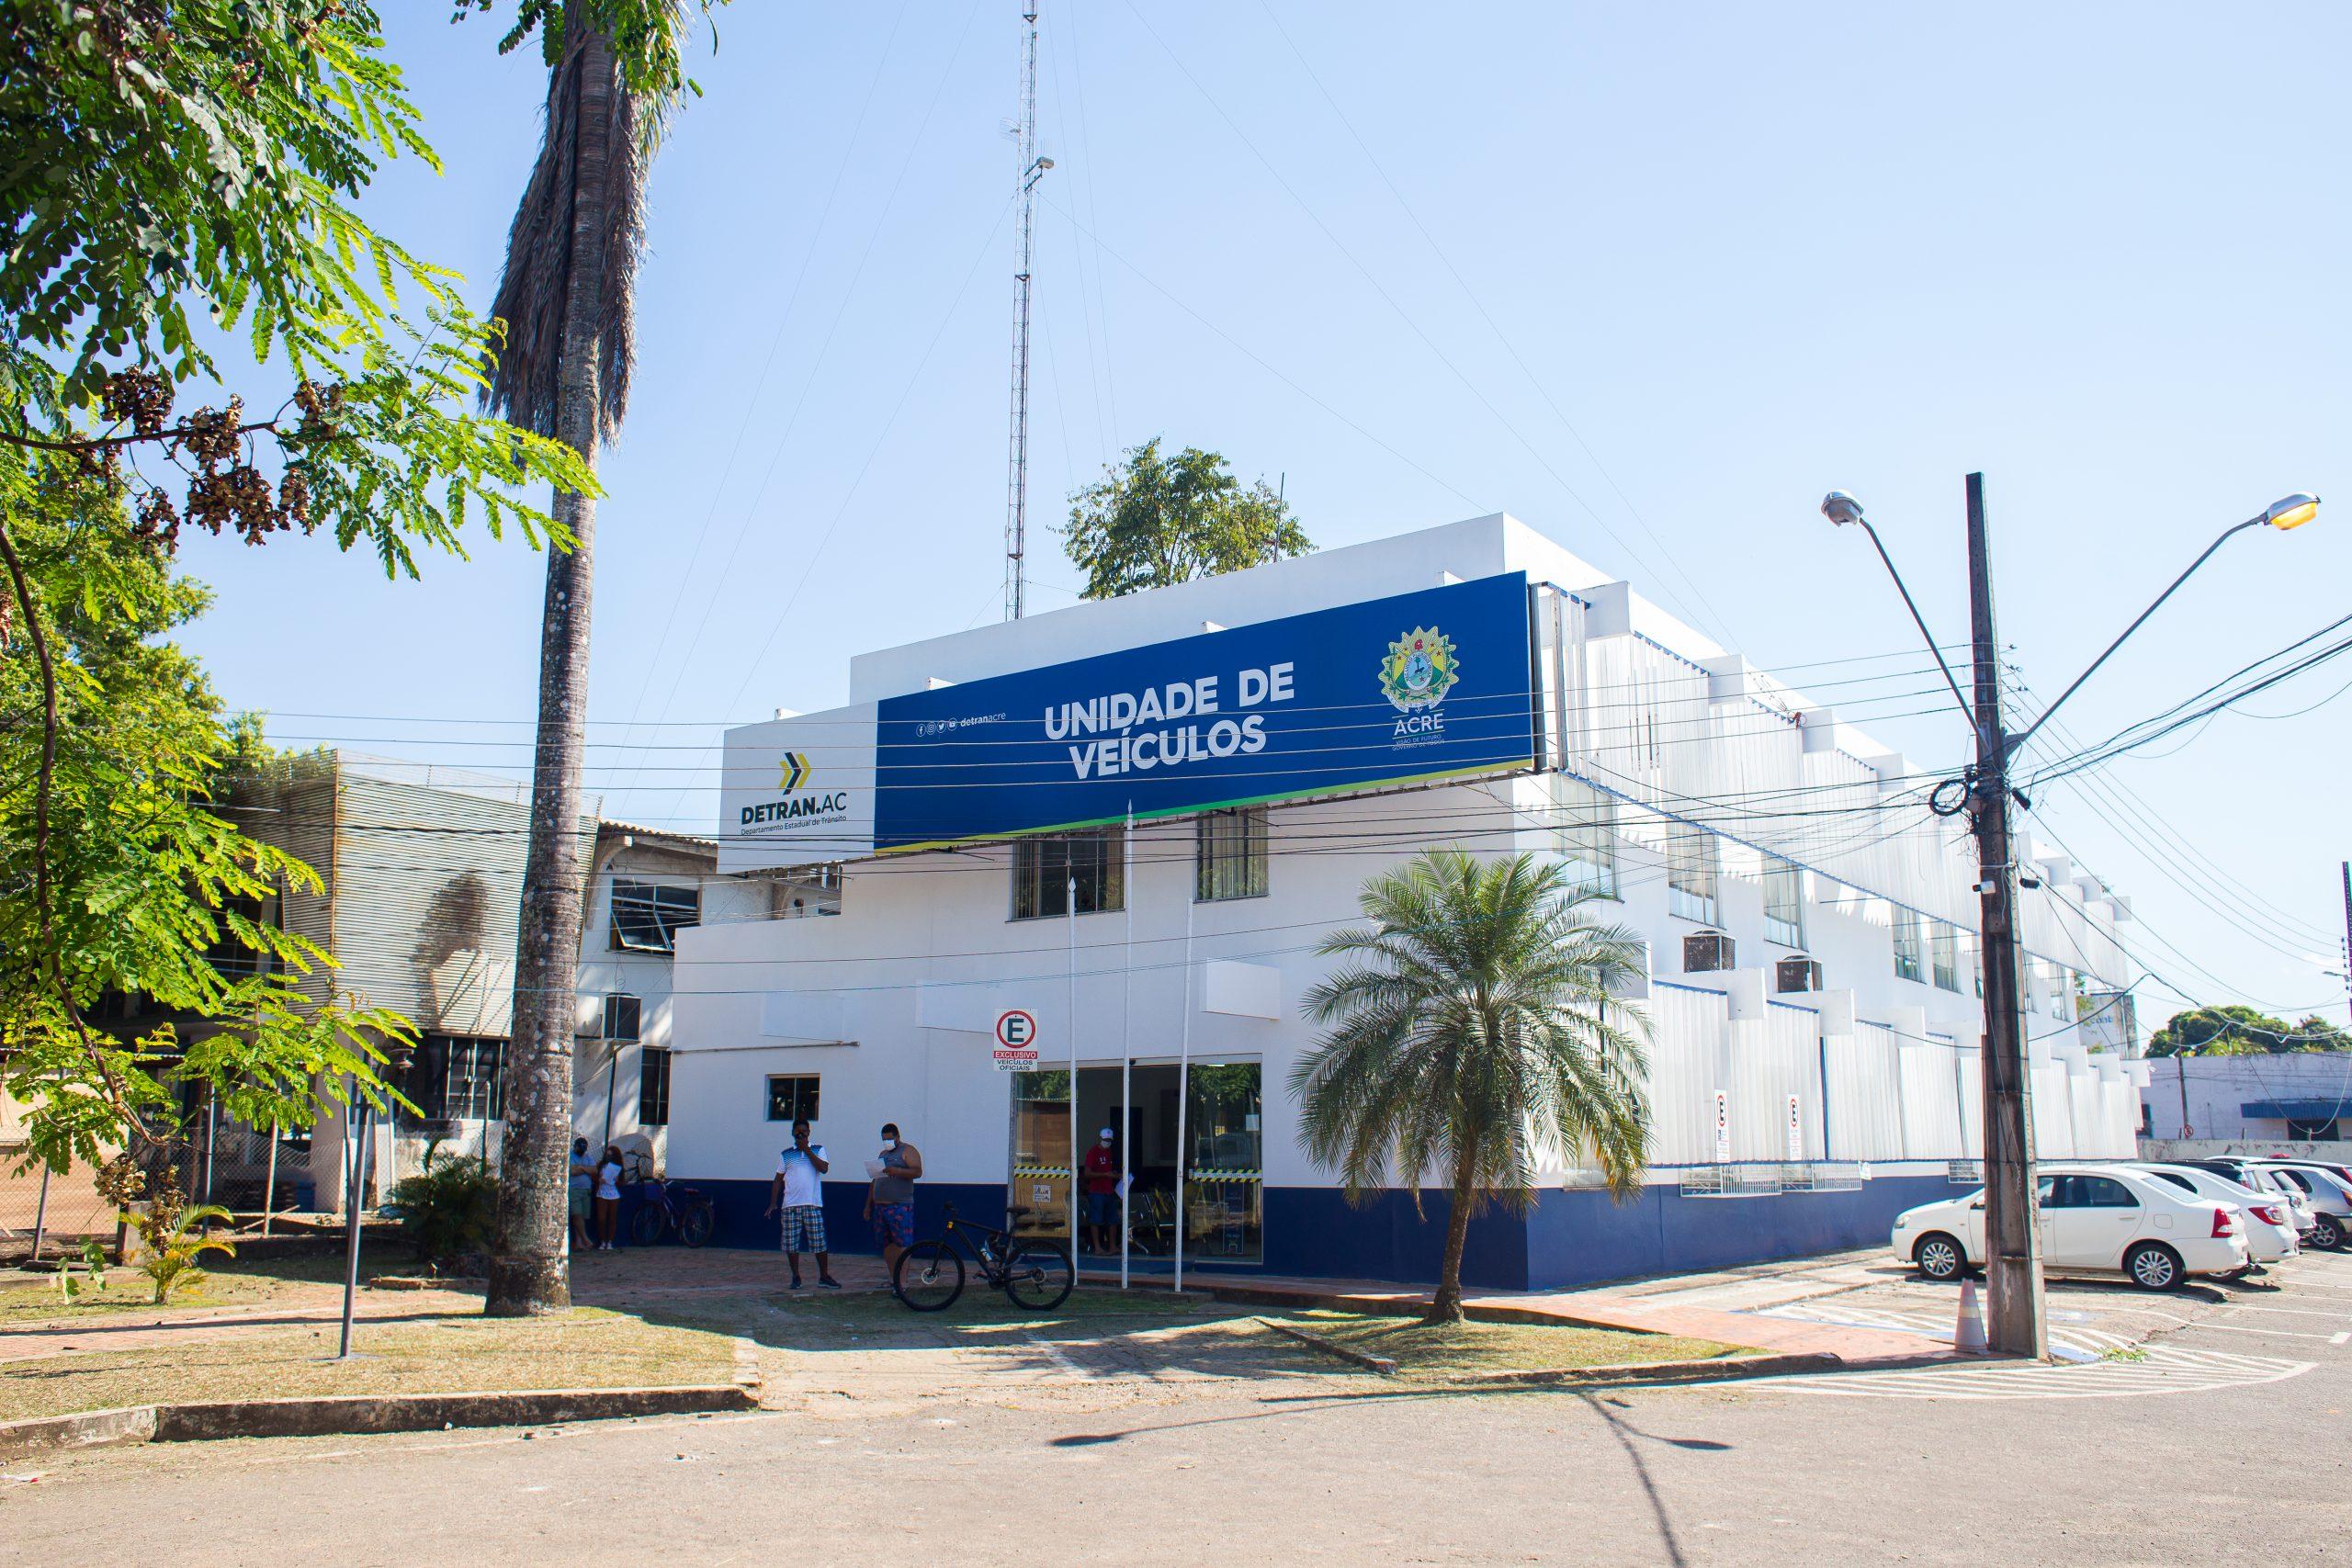 Detran realiza mutirão de atendimentos para serviços de veículos e vistoria